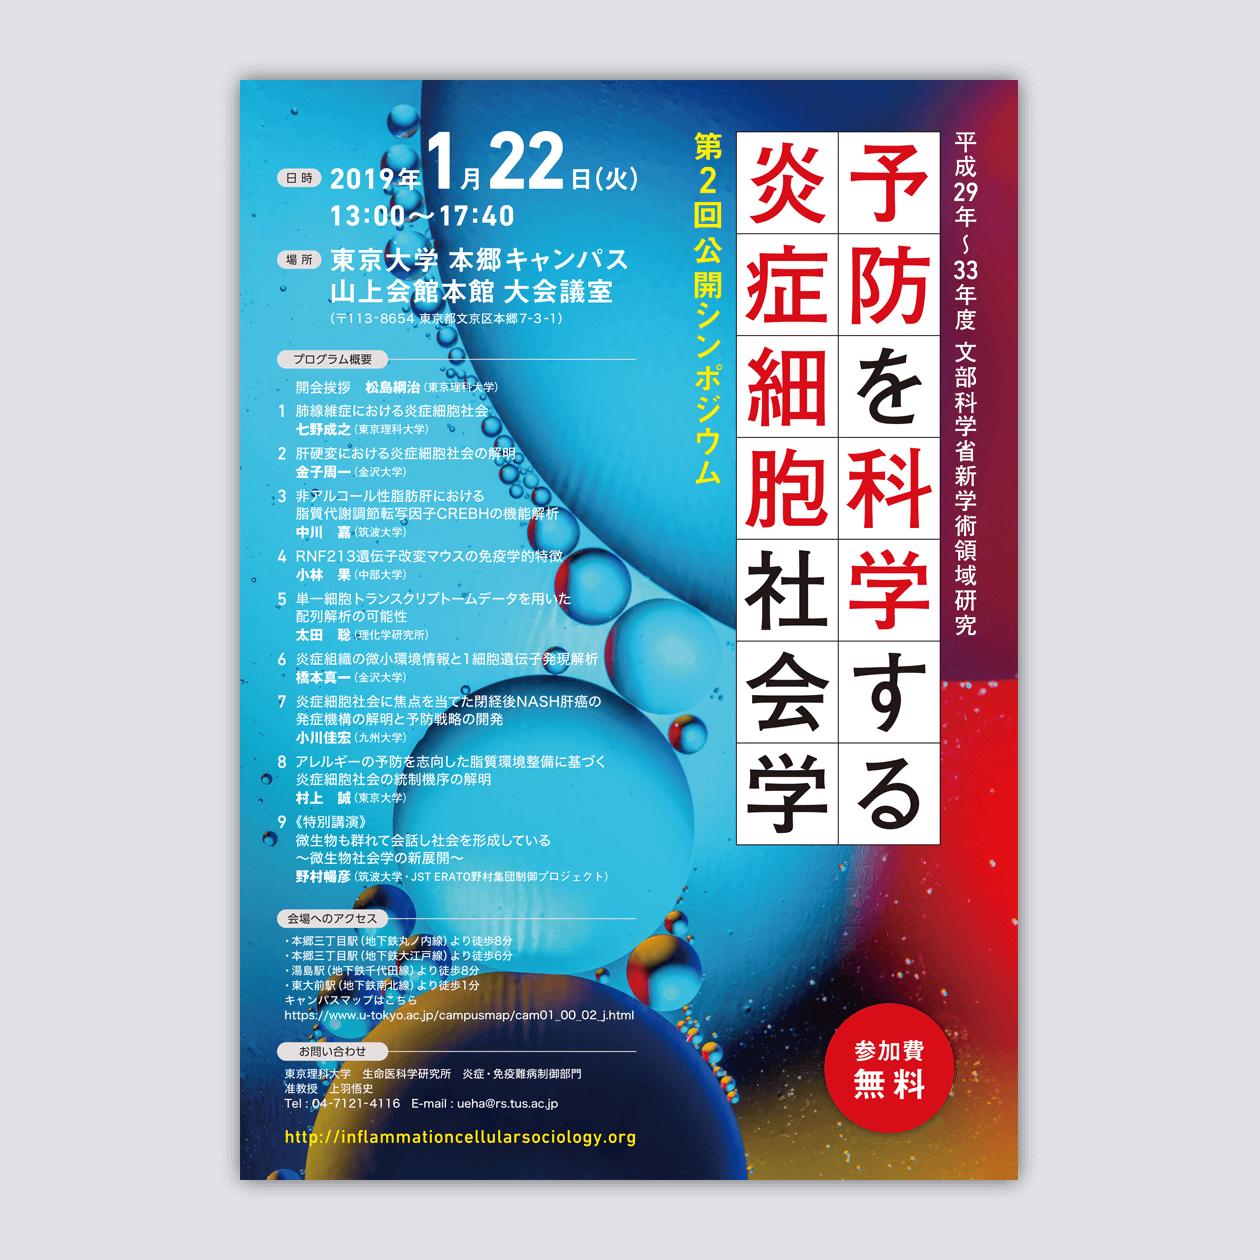 「予防を科学する炎症細胞社会学」ポスター